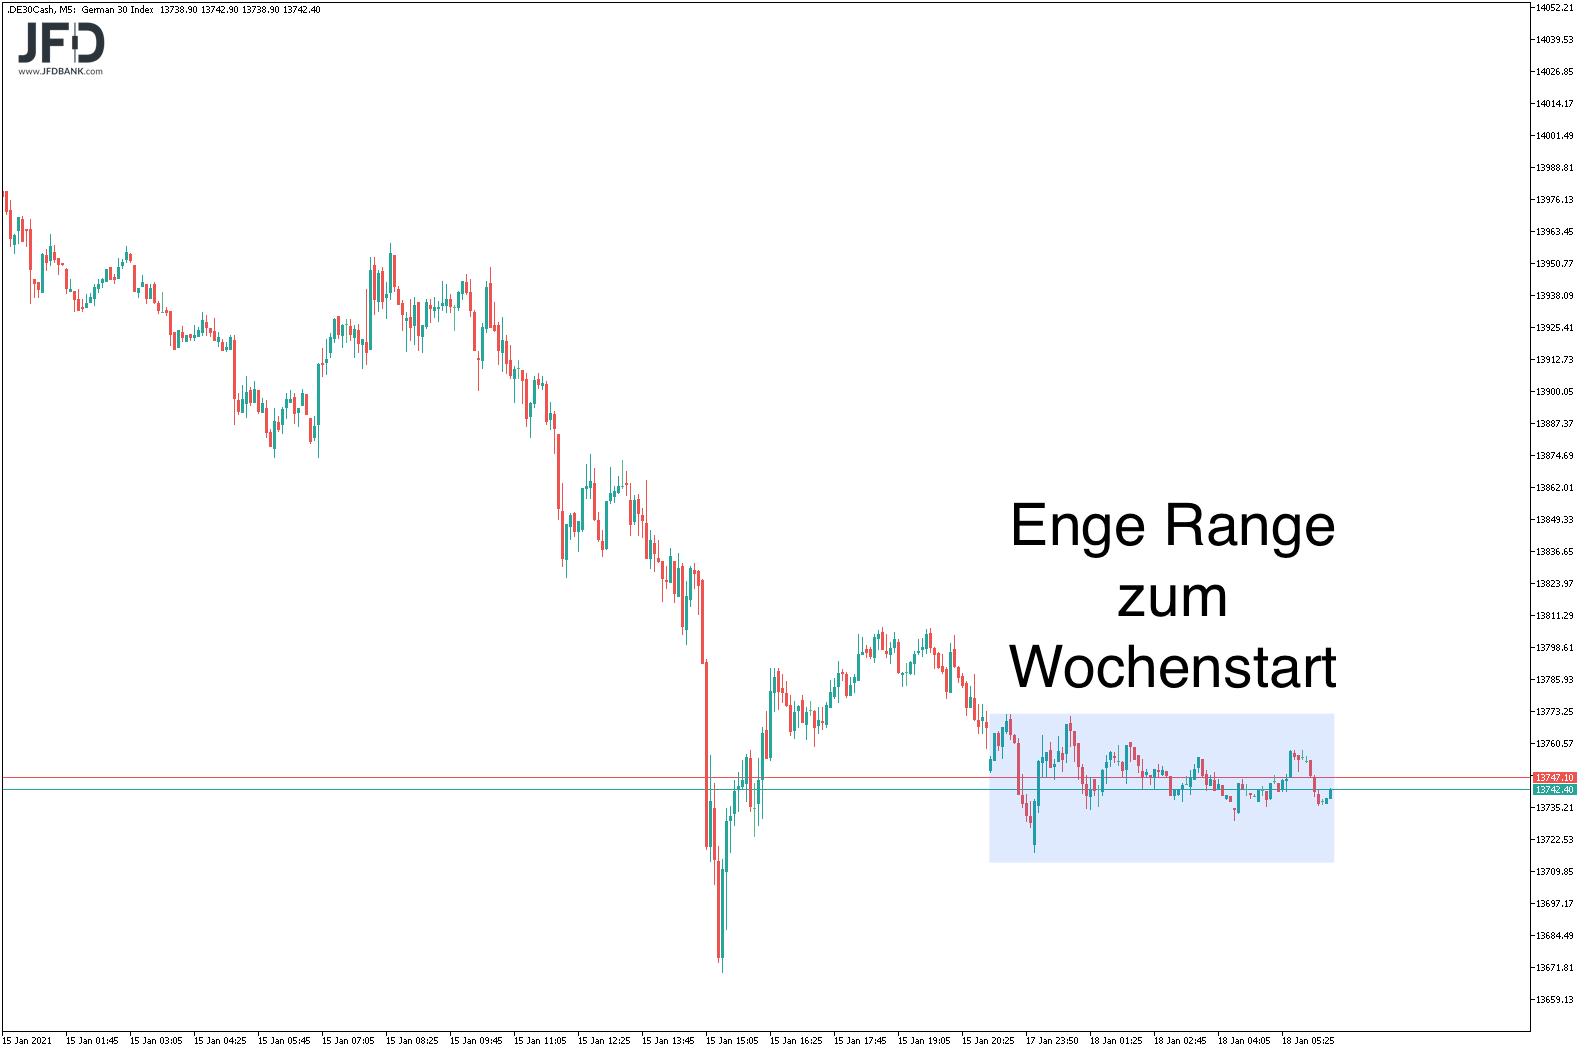 Enge Range in DAX-Vorbörse